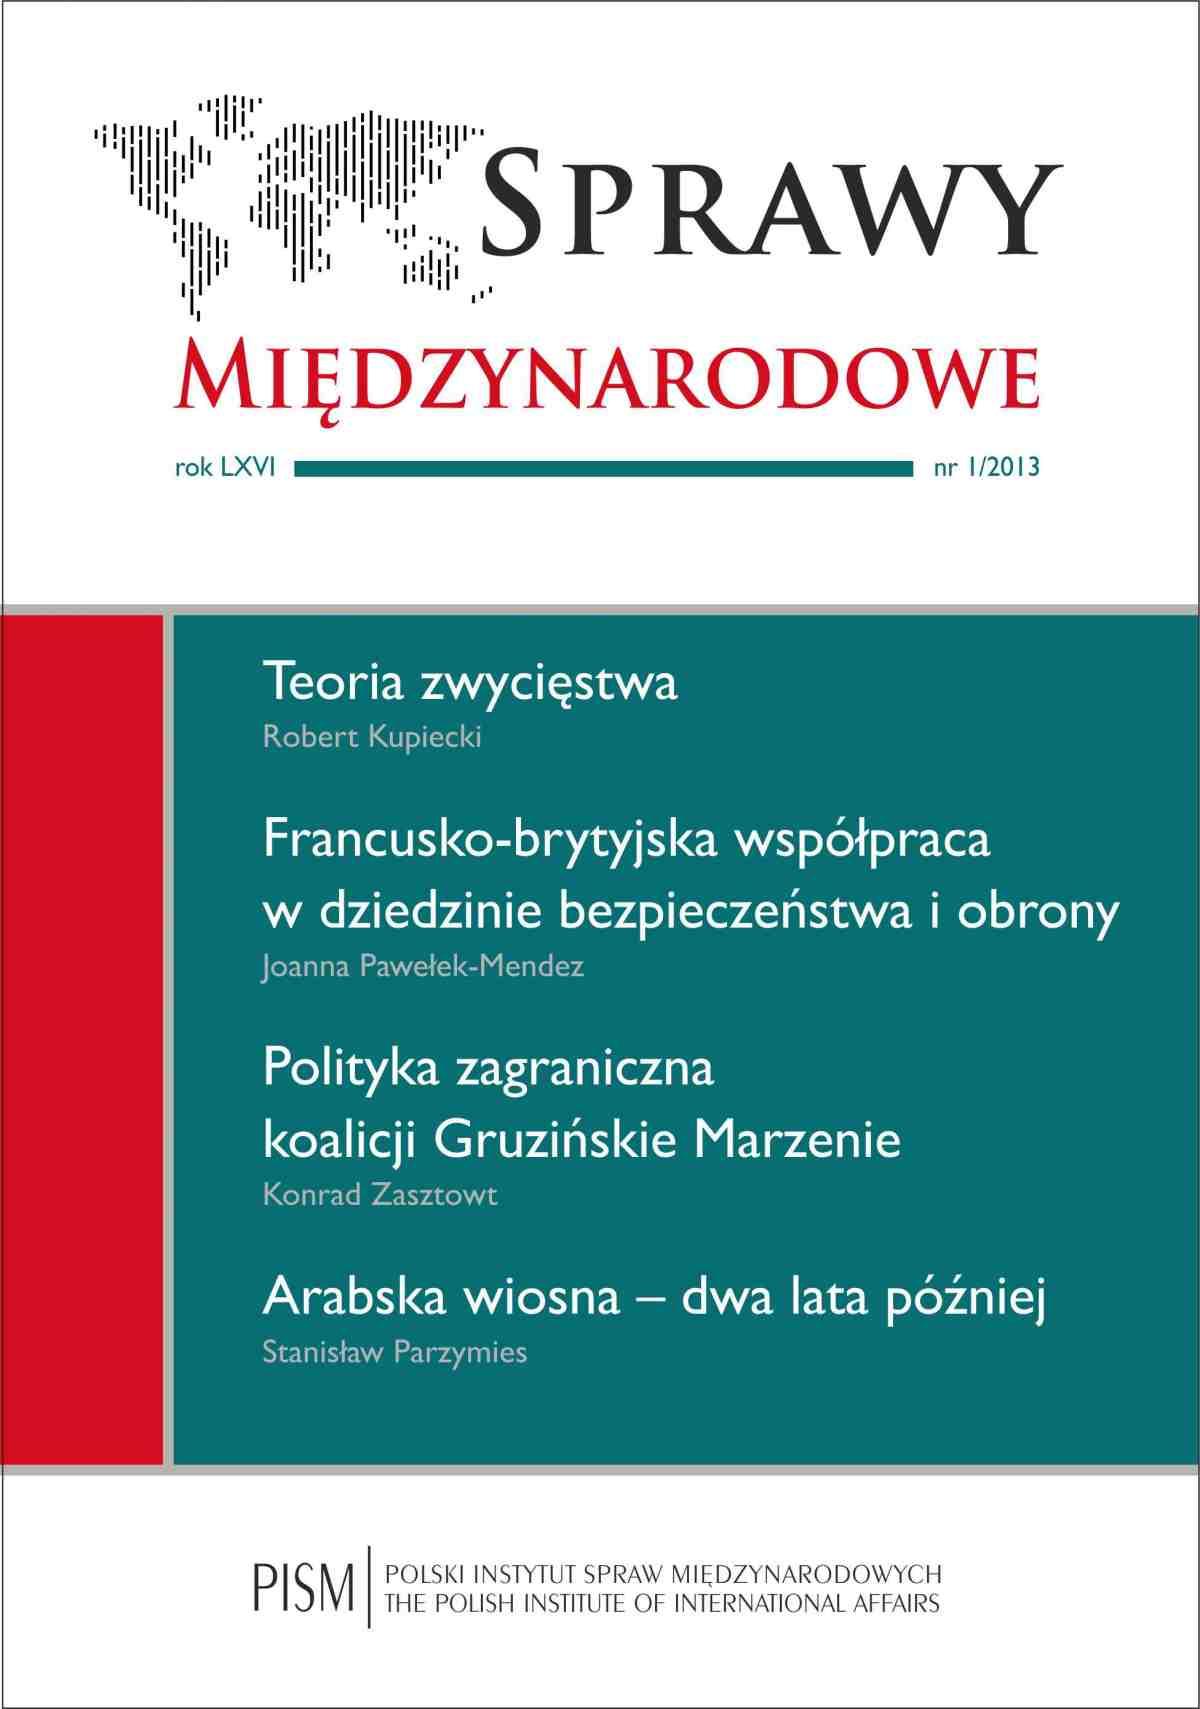 Sprawy Międzynarodowe nr 1/2013 - Ebook (Książka PDF) do pobrania w formacie PDF